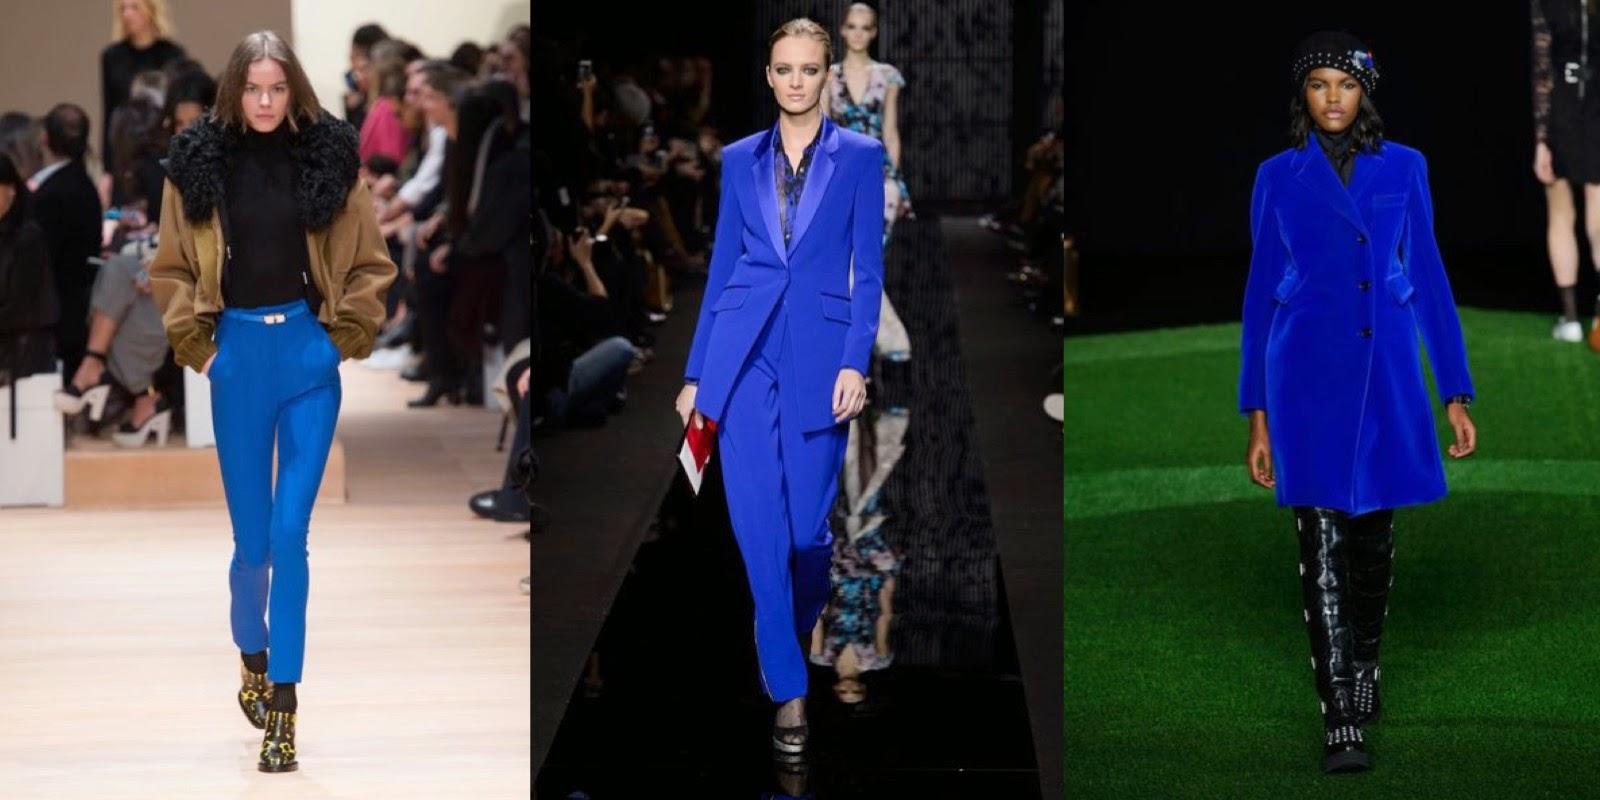 10 best couleurs tendances lors des d fil s automne hiver 2015 2016 new york london milan. Black Bedroom Furniture Sets. Home Design Ideas